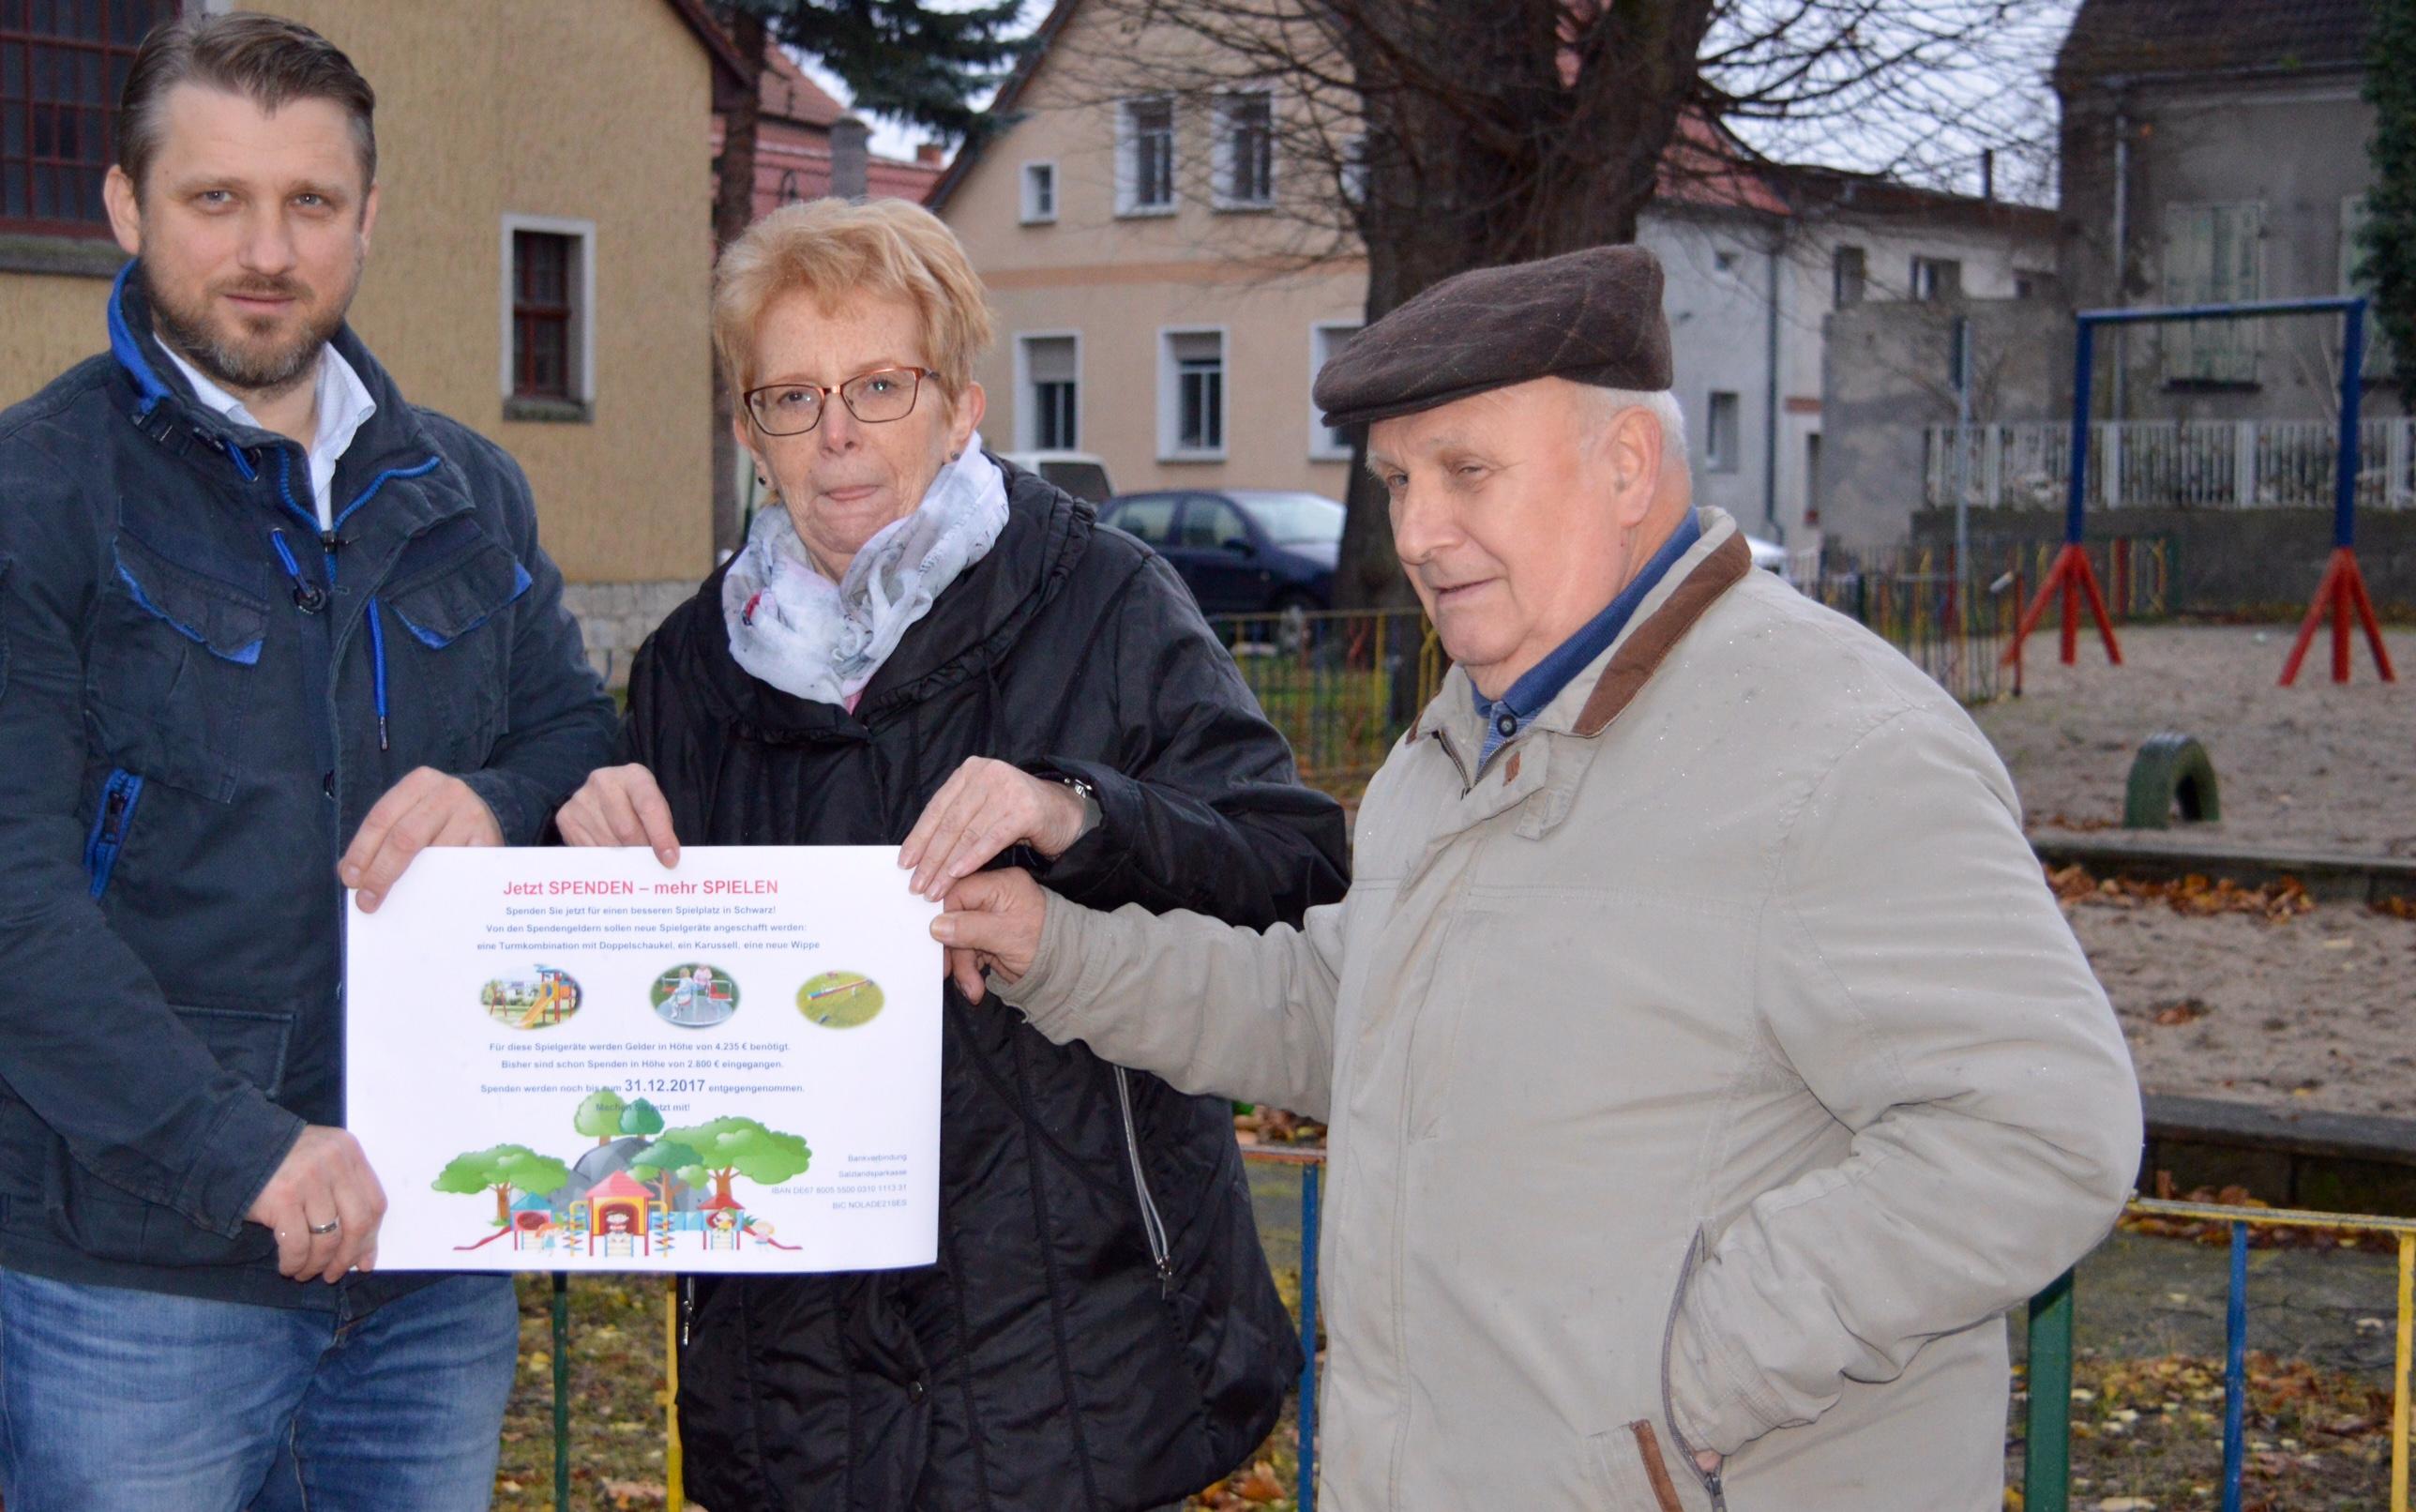 Bürgermeister Sven Hause, Ortschaftsrätin Annemarie Doll, Ortsbürgermeister Manfred Grimm zeigen Spendenaufruf, der bereits an mehreren Stellen in Schwarz ausgehängt wurde.